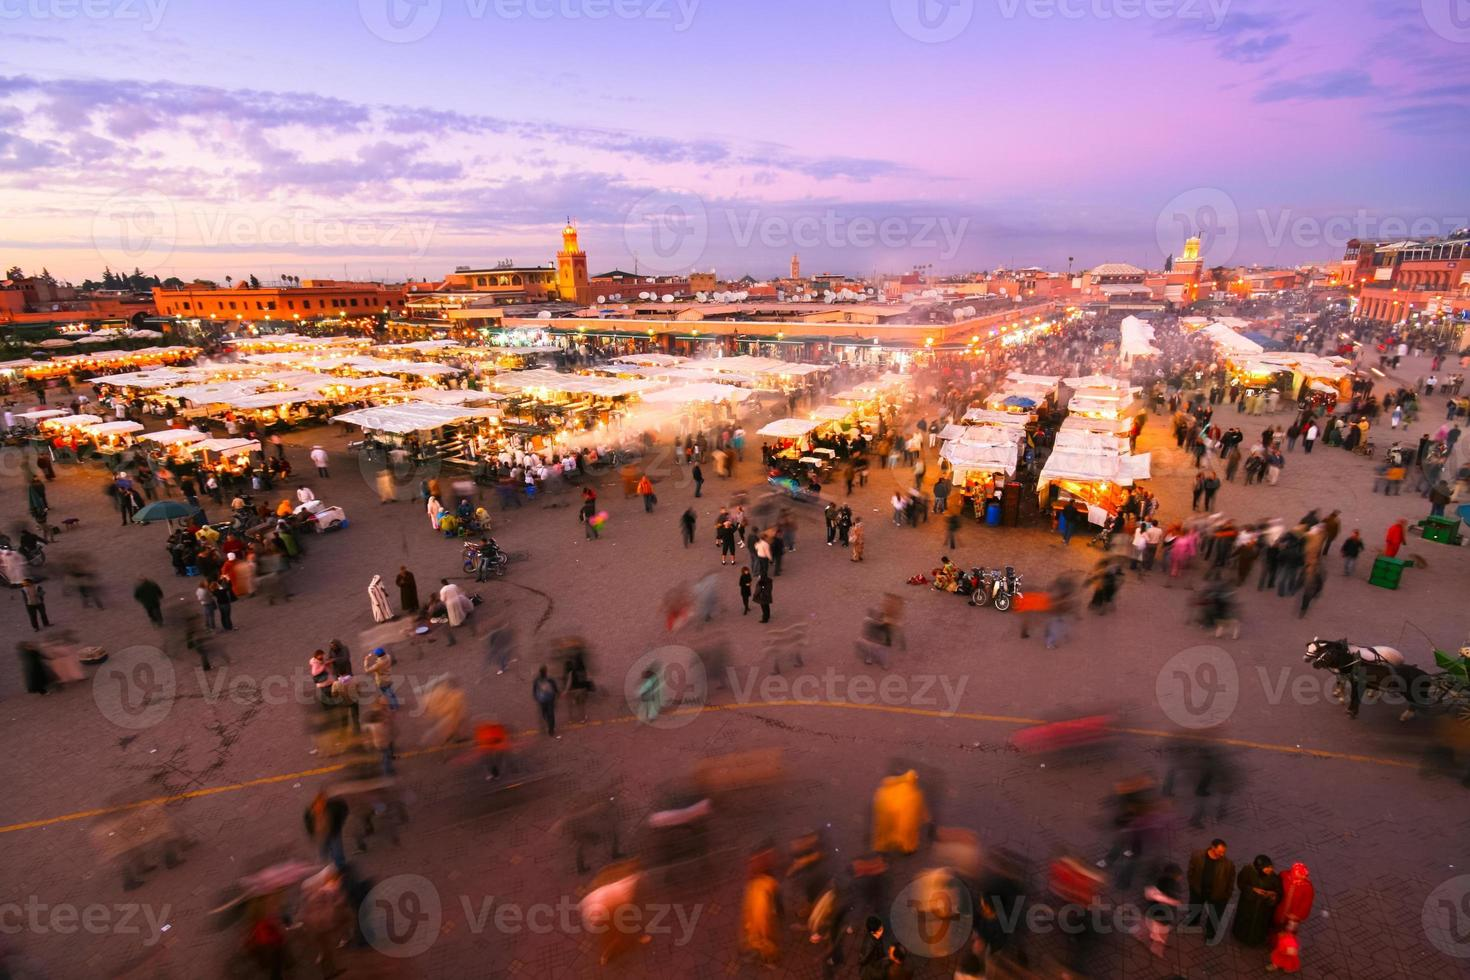 jamaa el fna, marrakesh, marruecos. foto